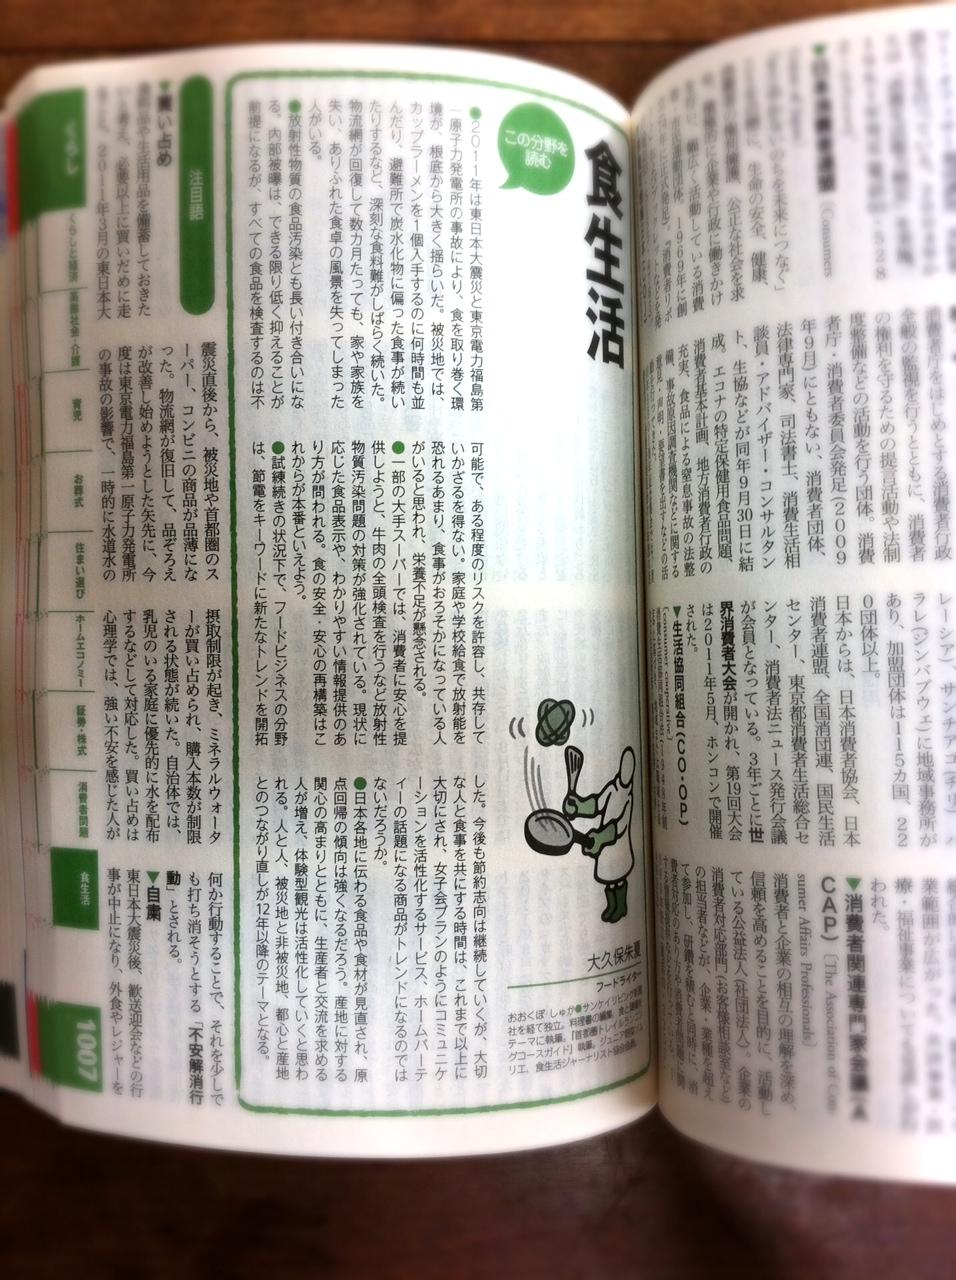 『現代用語の基礎知識2012』の食生活分野を執筆しました_d0122797_15294755.jpg